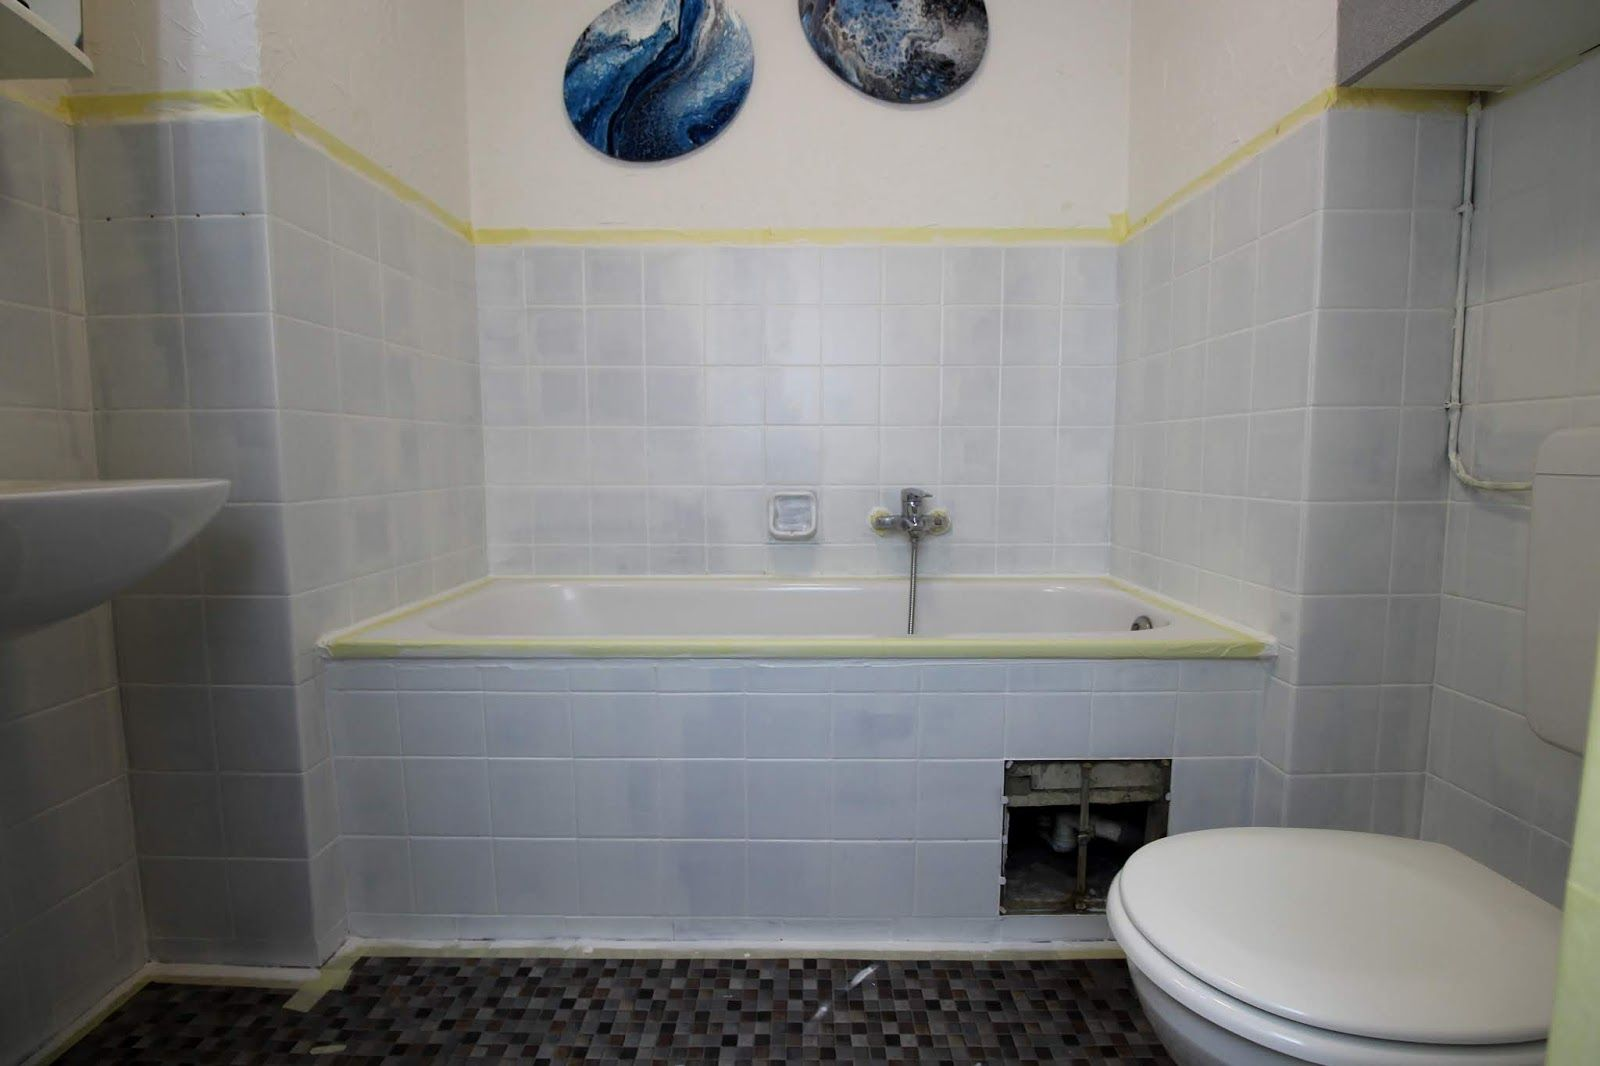 Diy Badezimmer Streichen Und Renovieren Mit Fliesenfarbe Badezimmer Streichen Badezimmer Badezimmer Komplett